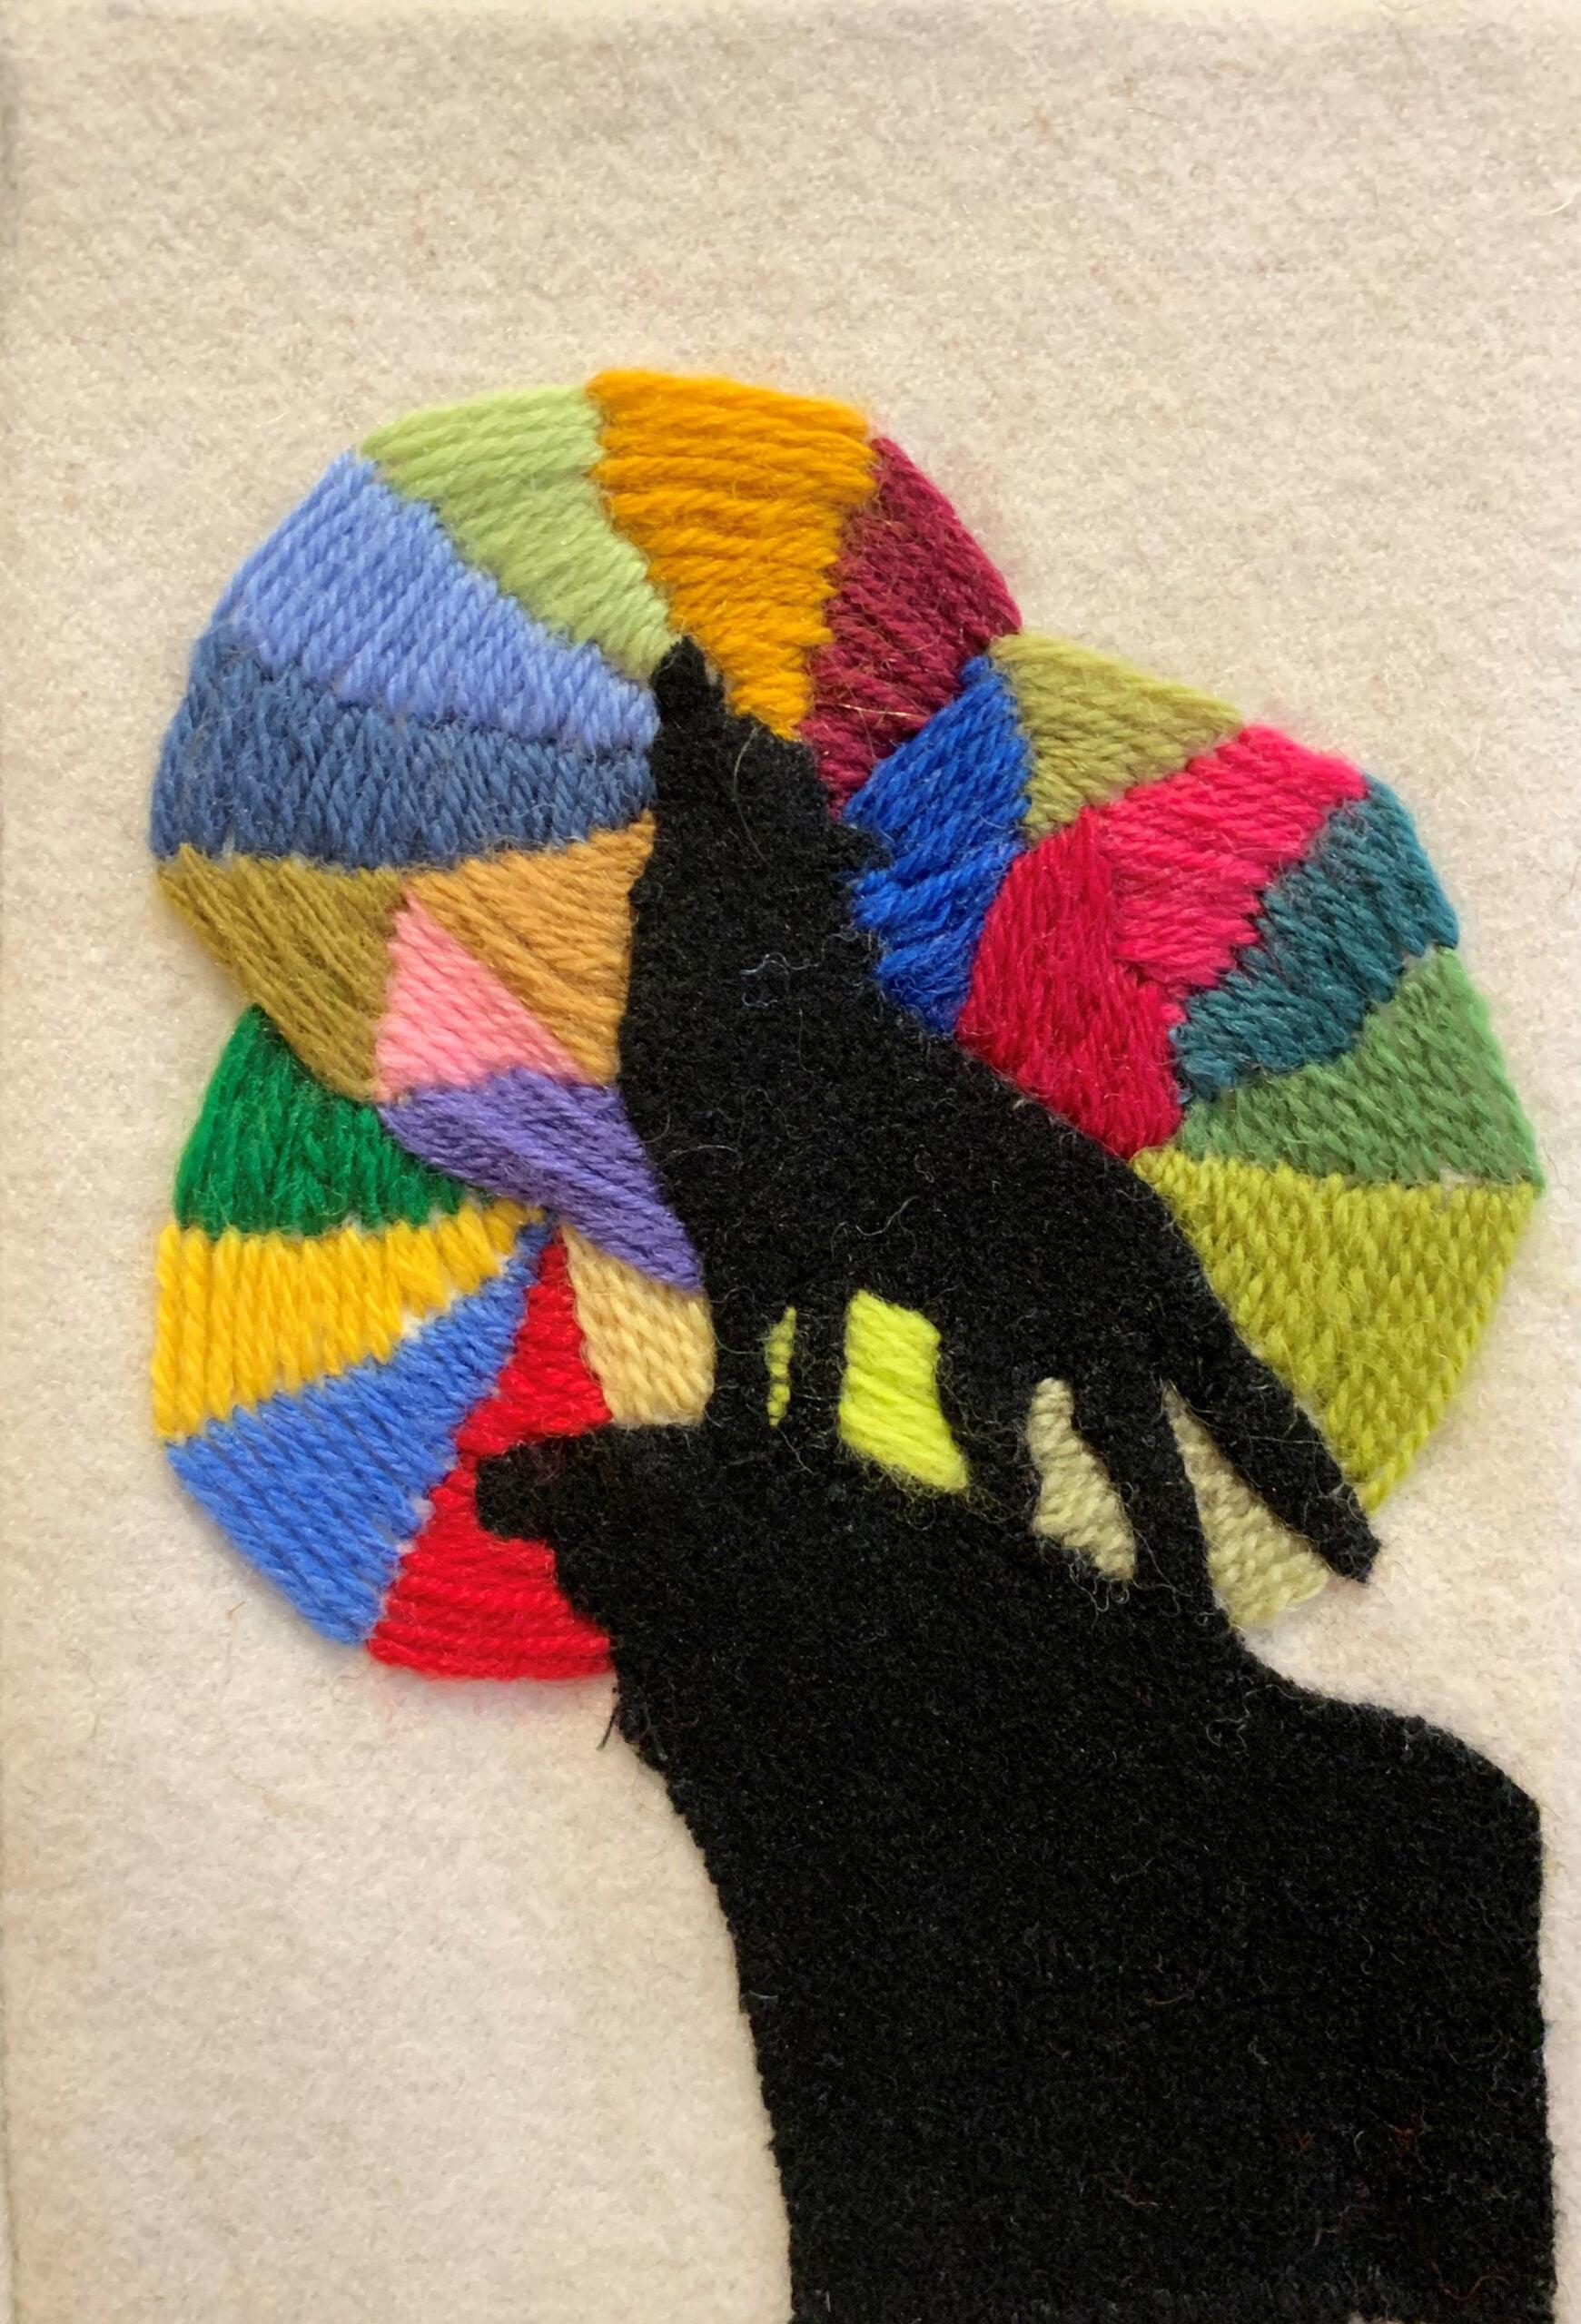 """Om vargen: """"Många är ensamma och isolerade men det finns ett hopp och en färgsprakande värld där ute."""""""